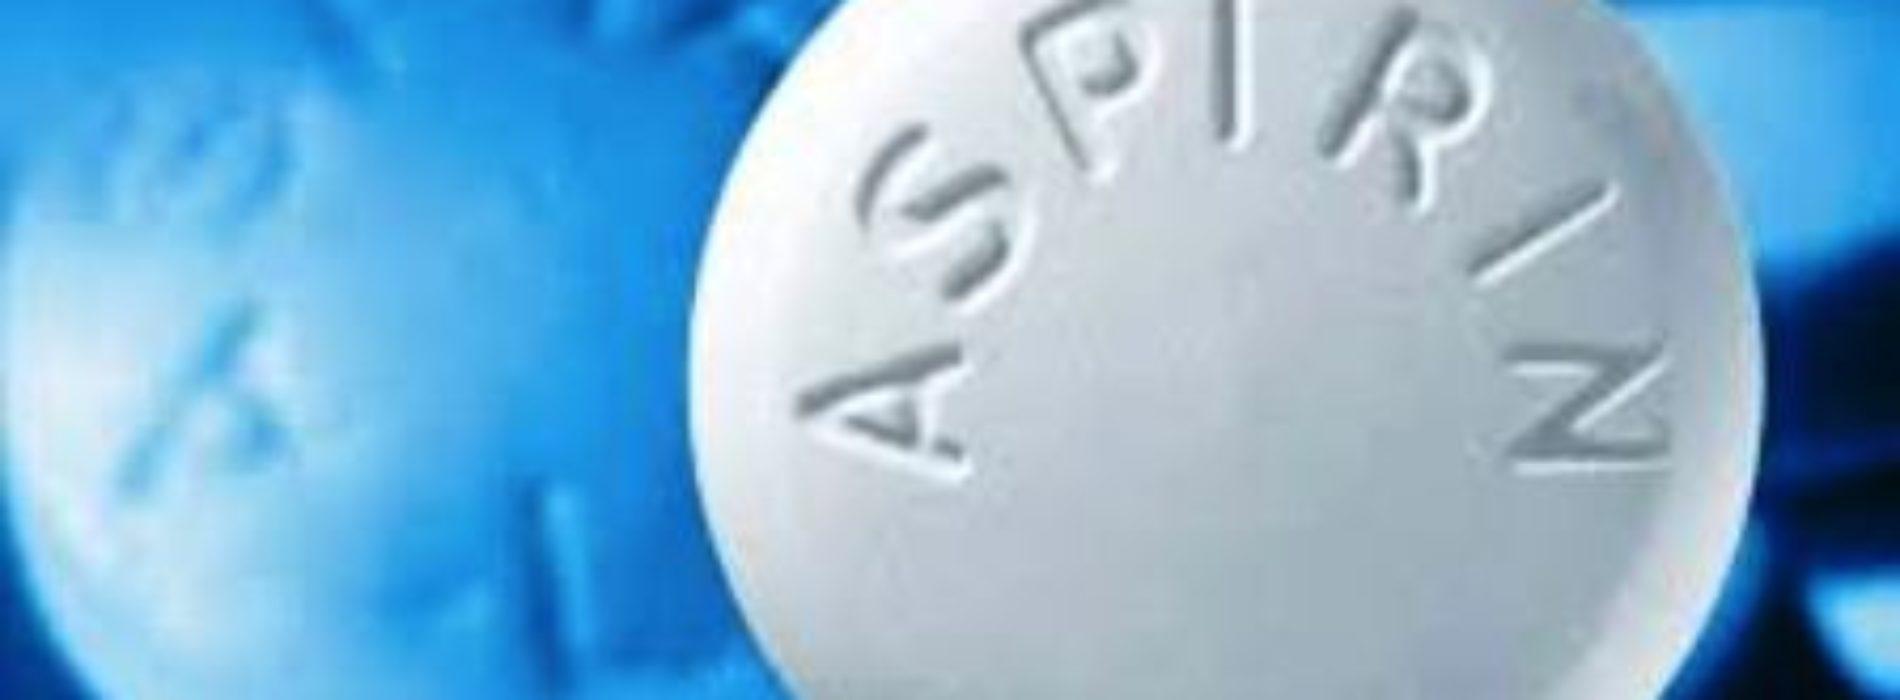 Aspirin may halve air pollution harms